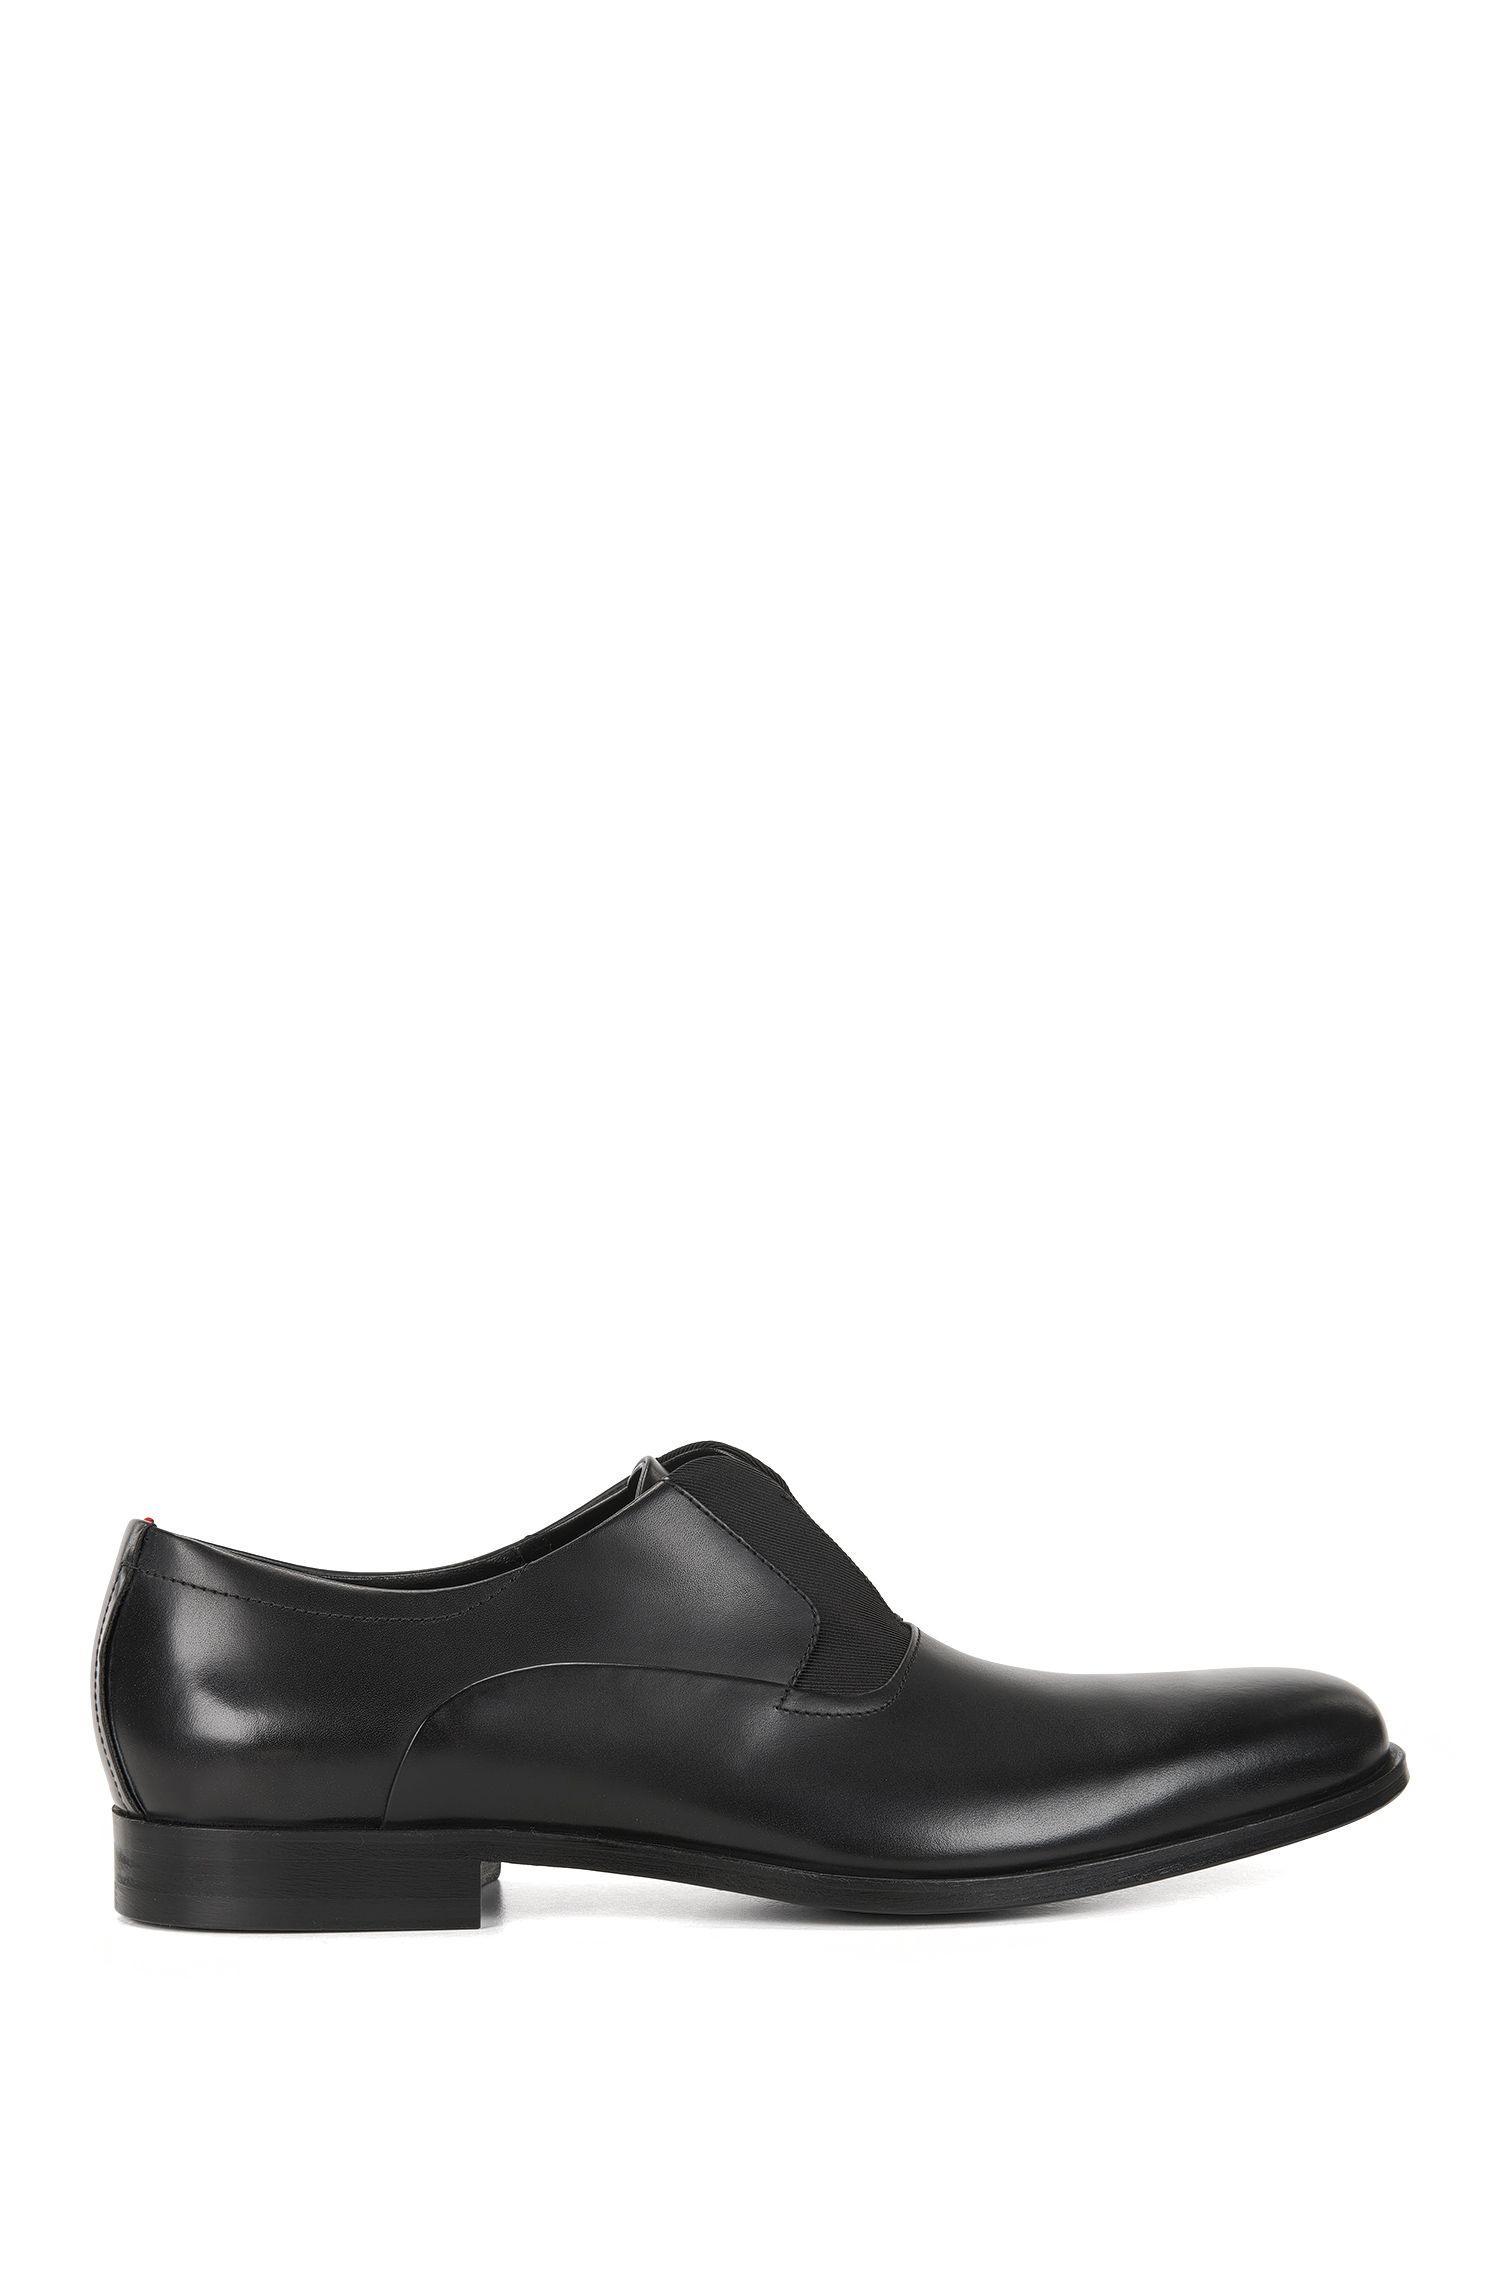 Zapatos de piel Oxford sin cordones